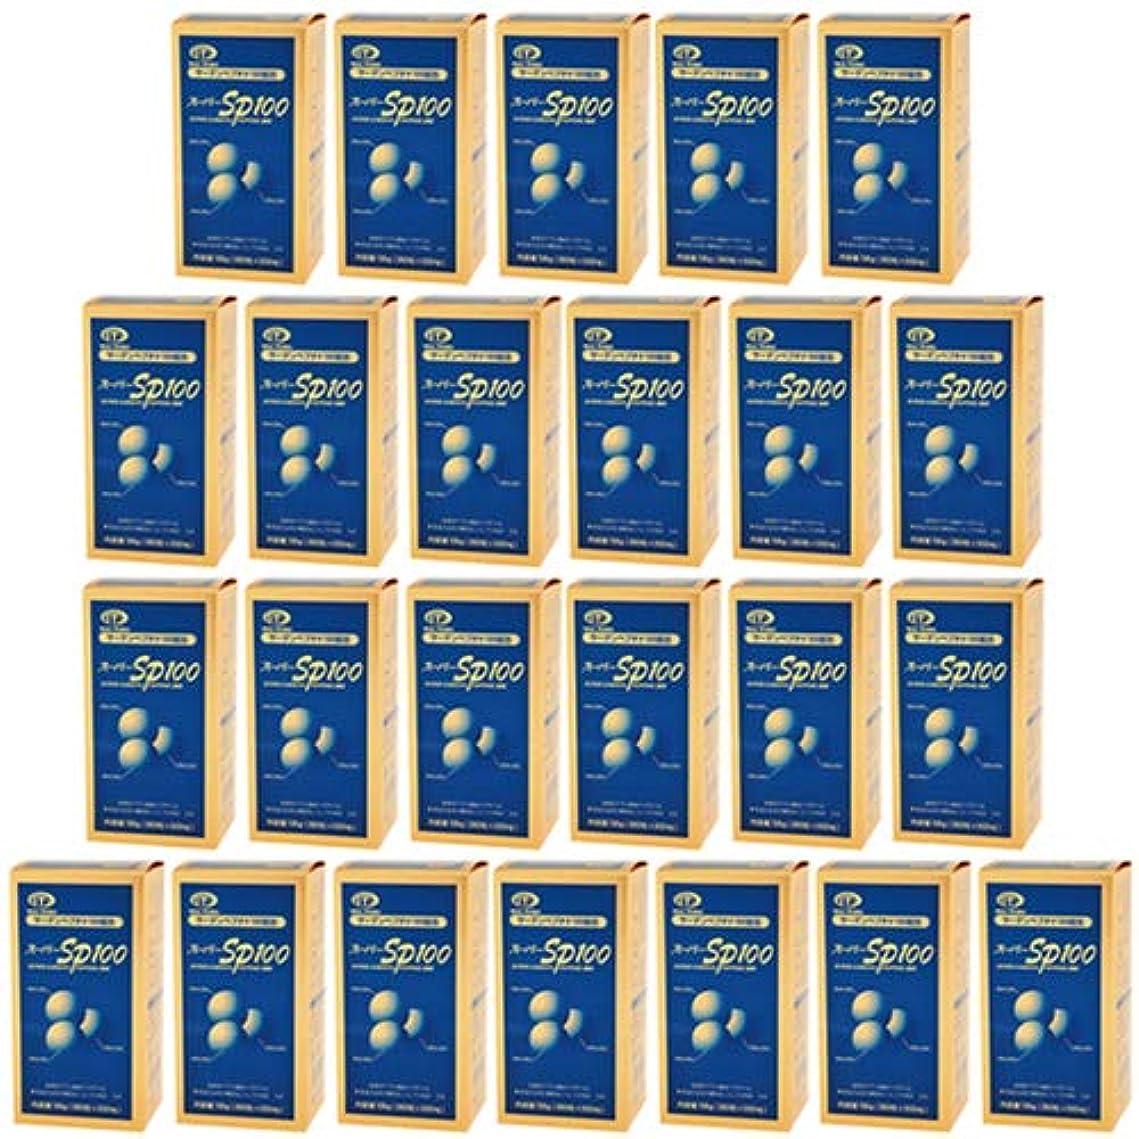 傘書き込み二度スーパーSP100(イワシペプチド)(360粒) 24箱